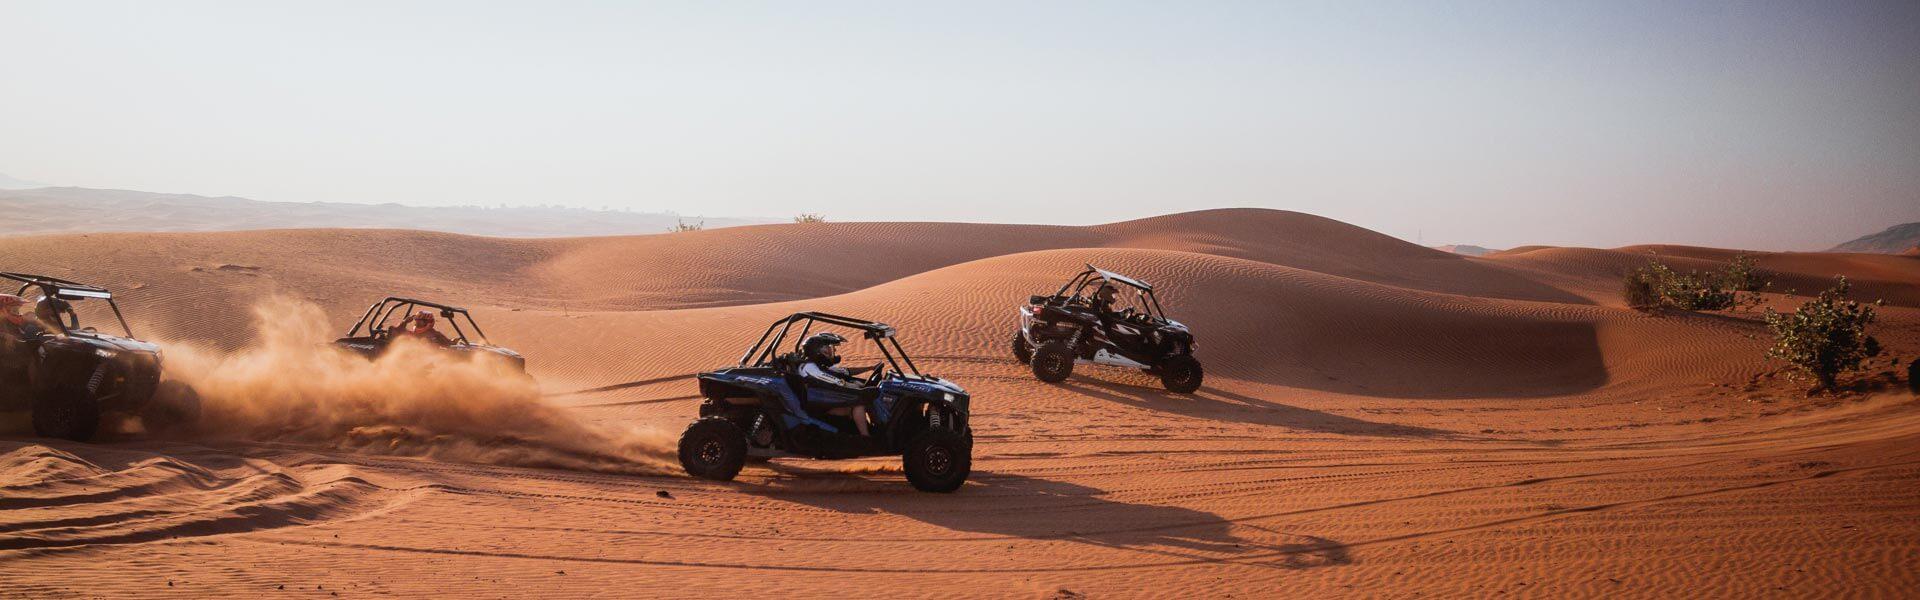 Dubai Dune Buggy Desert Safari